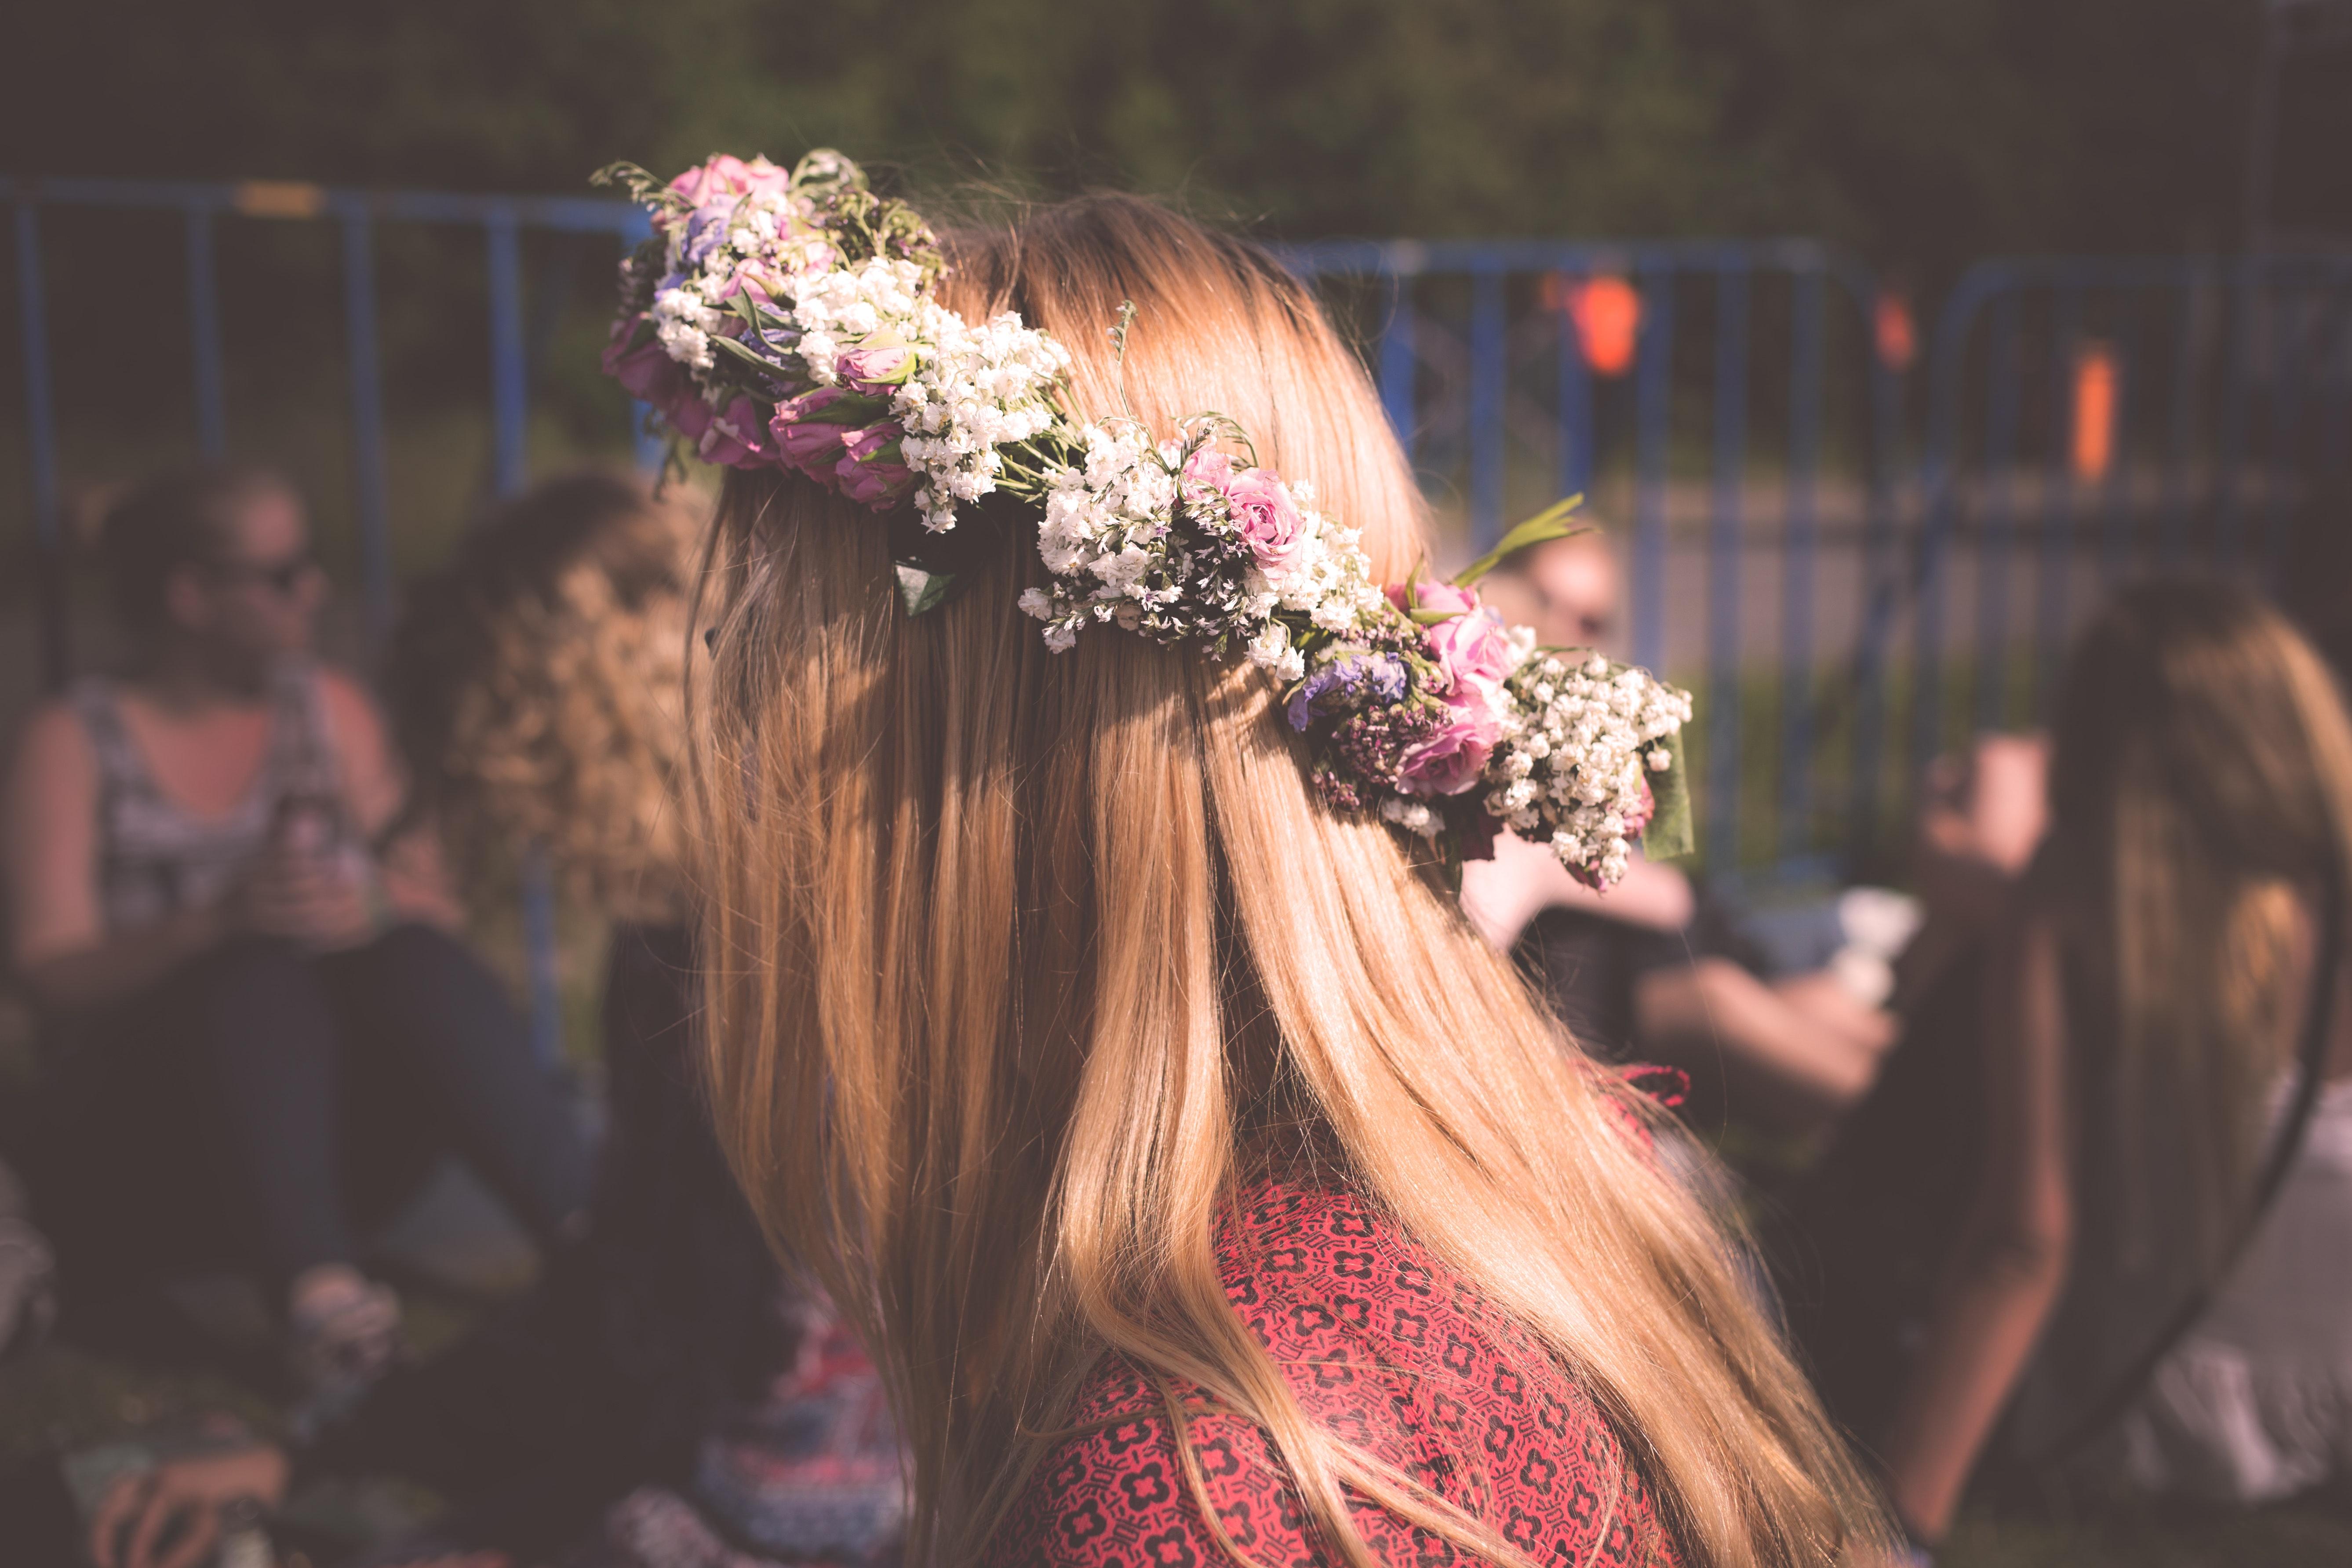 June 2019 Meeting: Flower Crowns